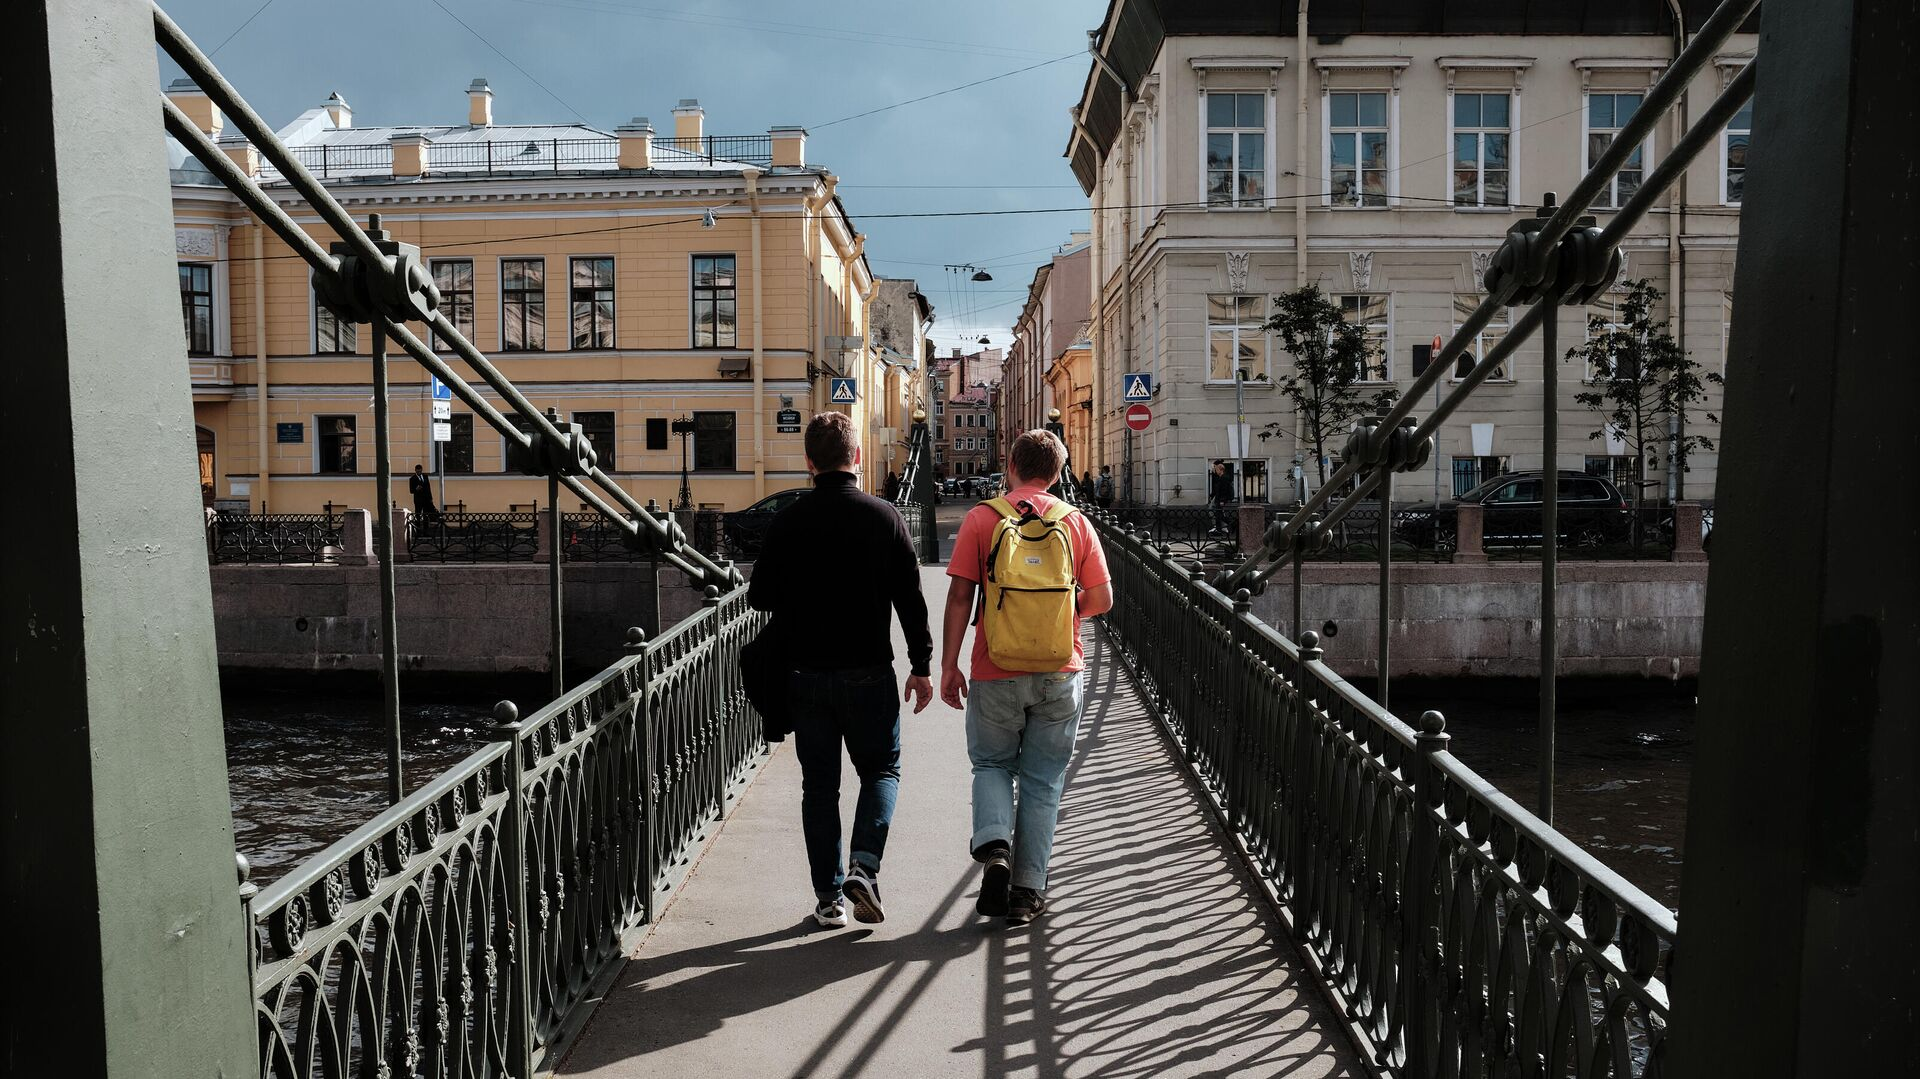 Прохожие на Почтамтском мосту в Санкт-Петербурге - РИА Новости, 1920, 02.12.2020